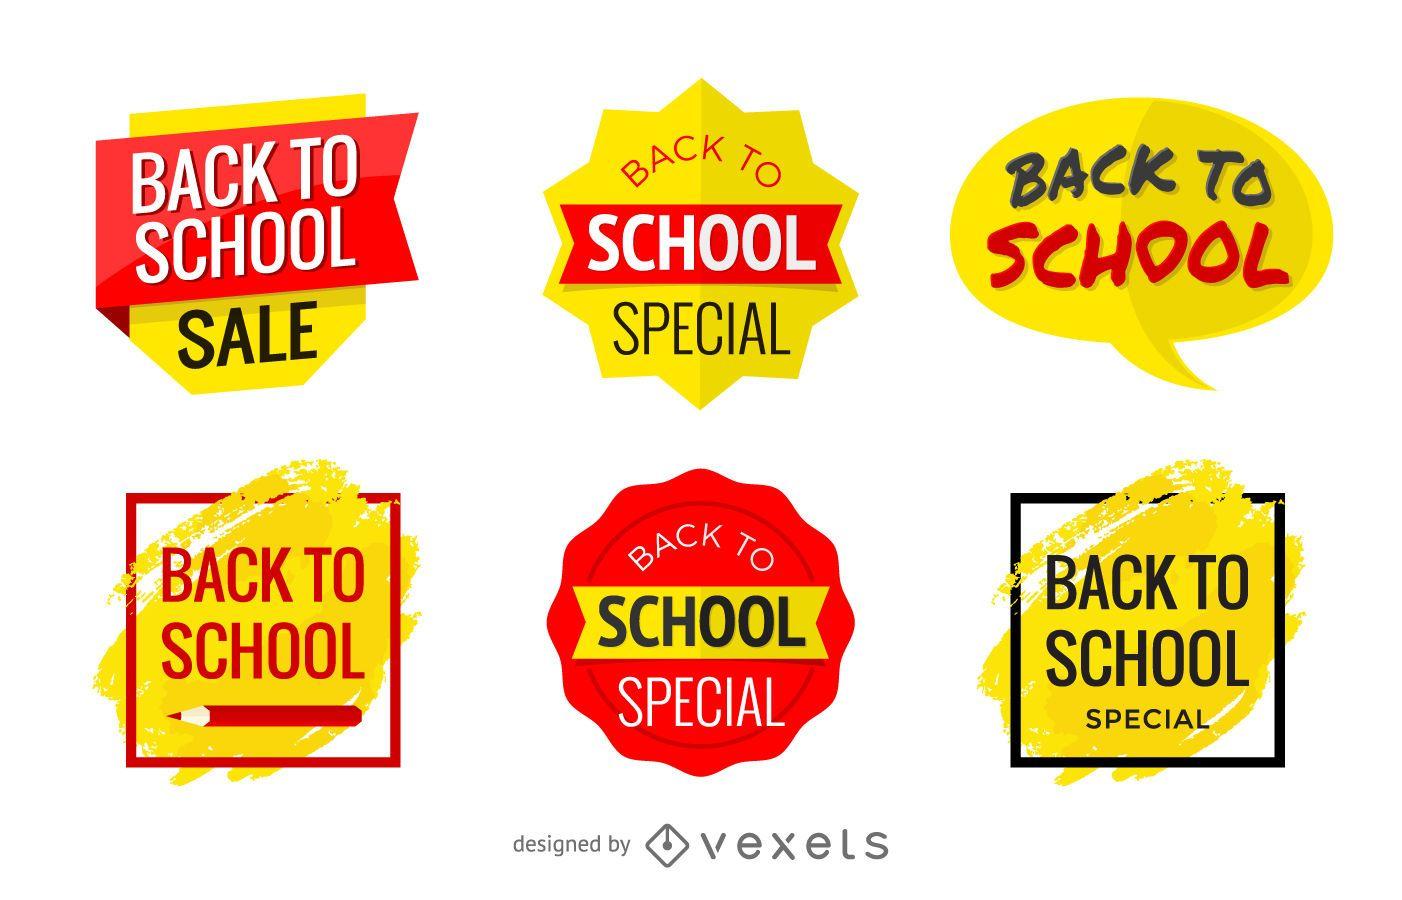 Promo-Abzeichen und Verkaufsbanner für den Schulanfang